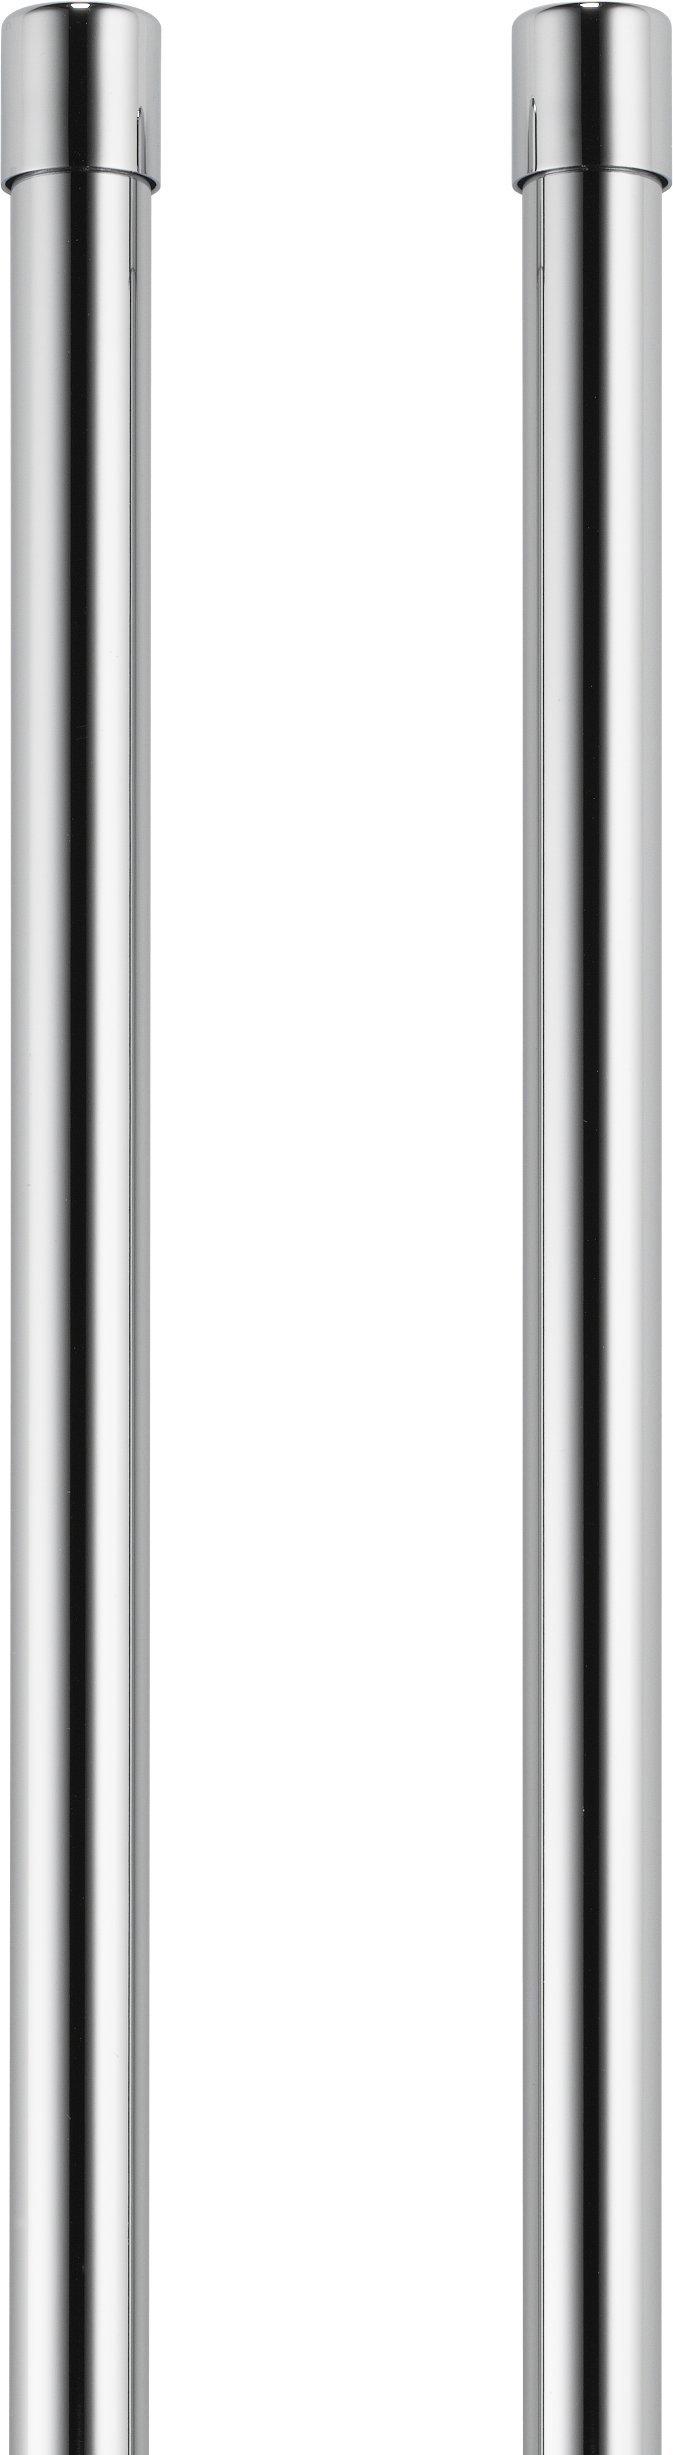 Delta Faucet RP72130 Decorative InnoFlex Covers, Chrome by DELTA FAUCET